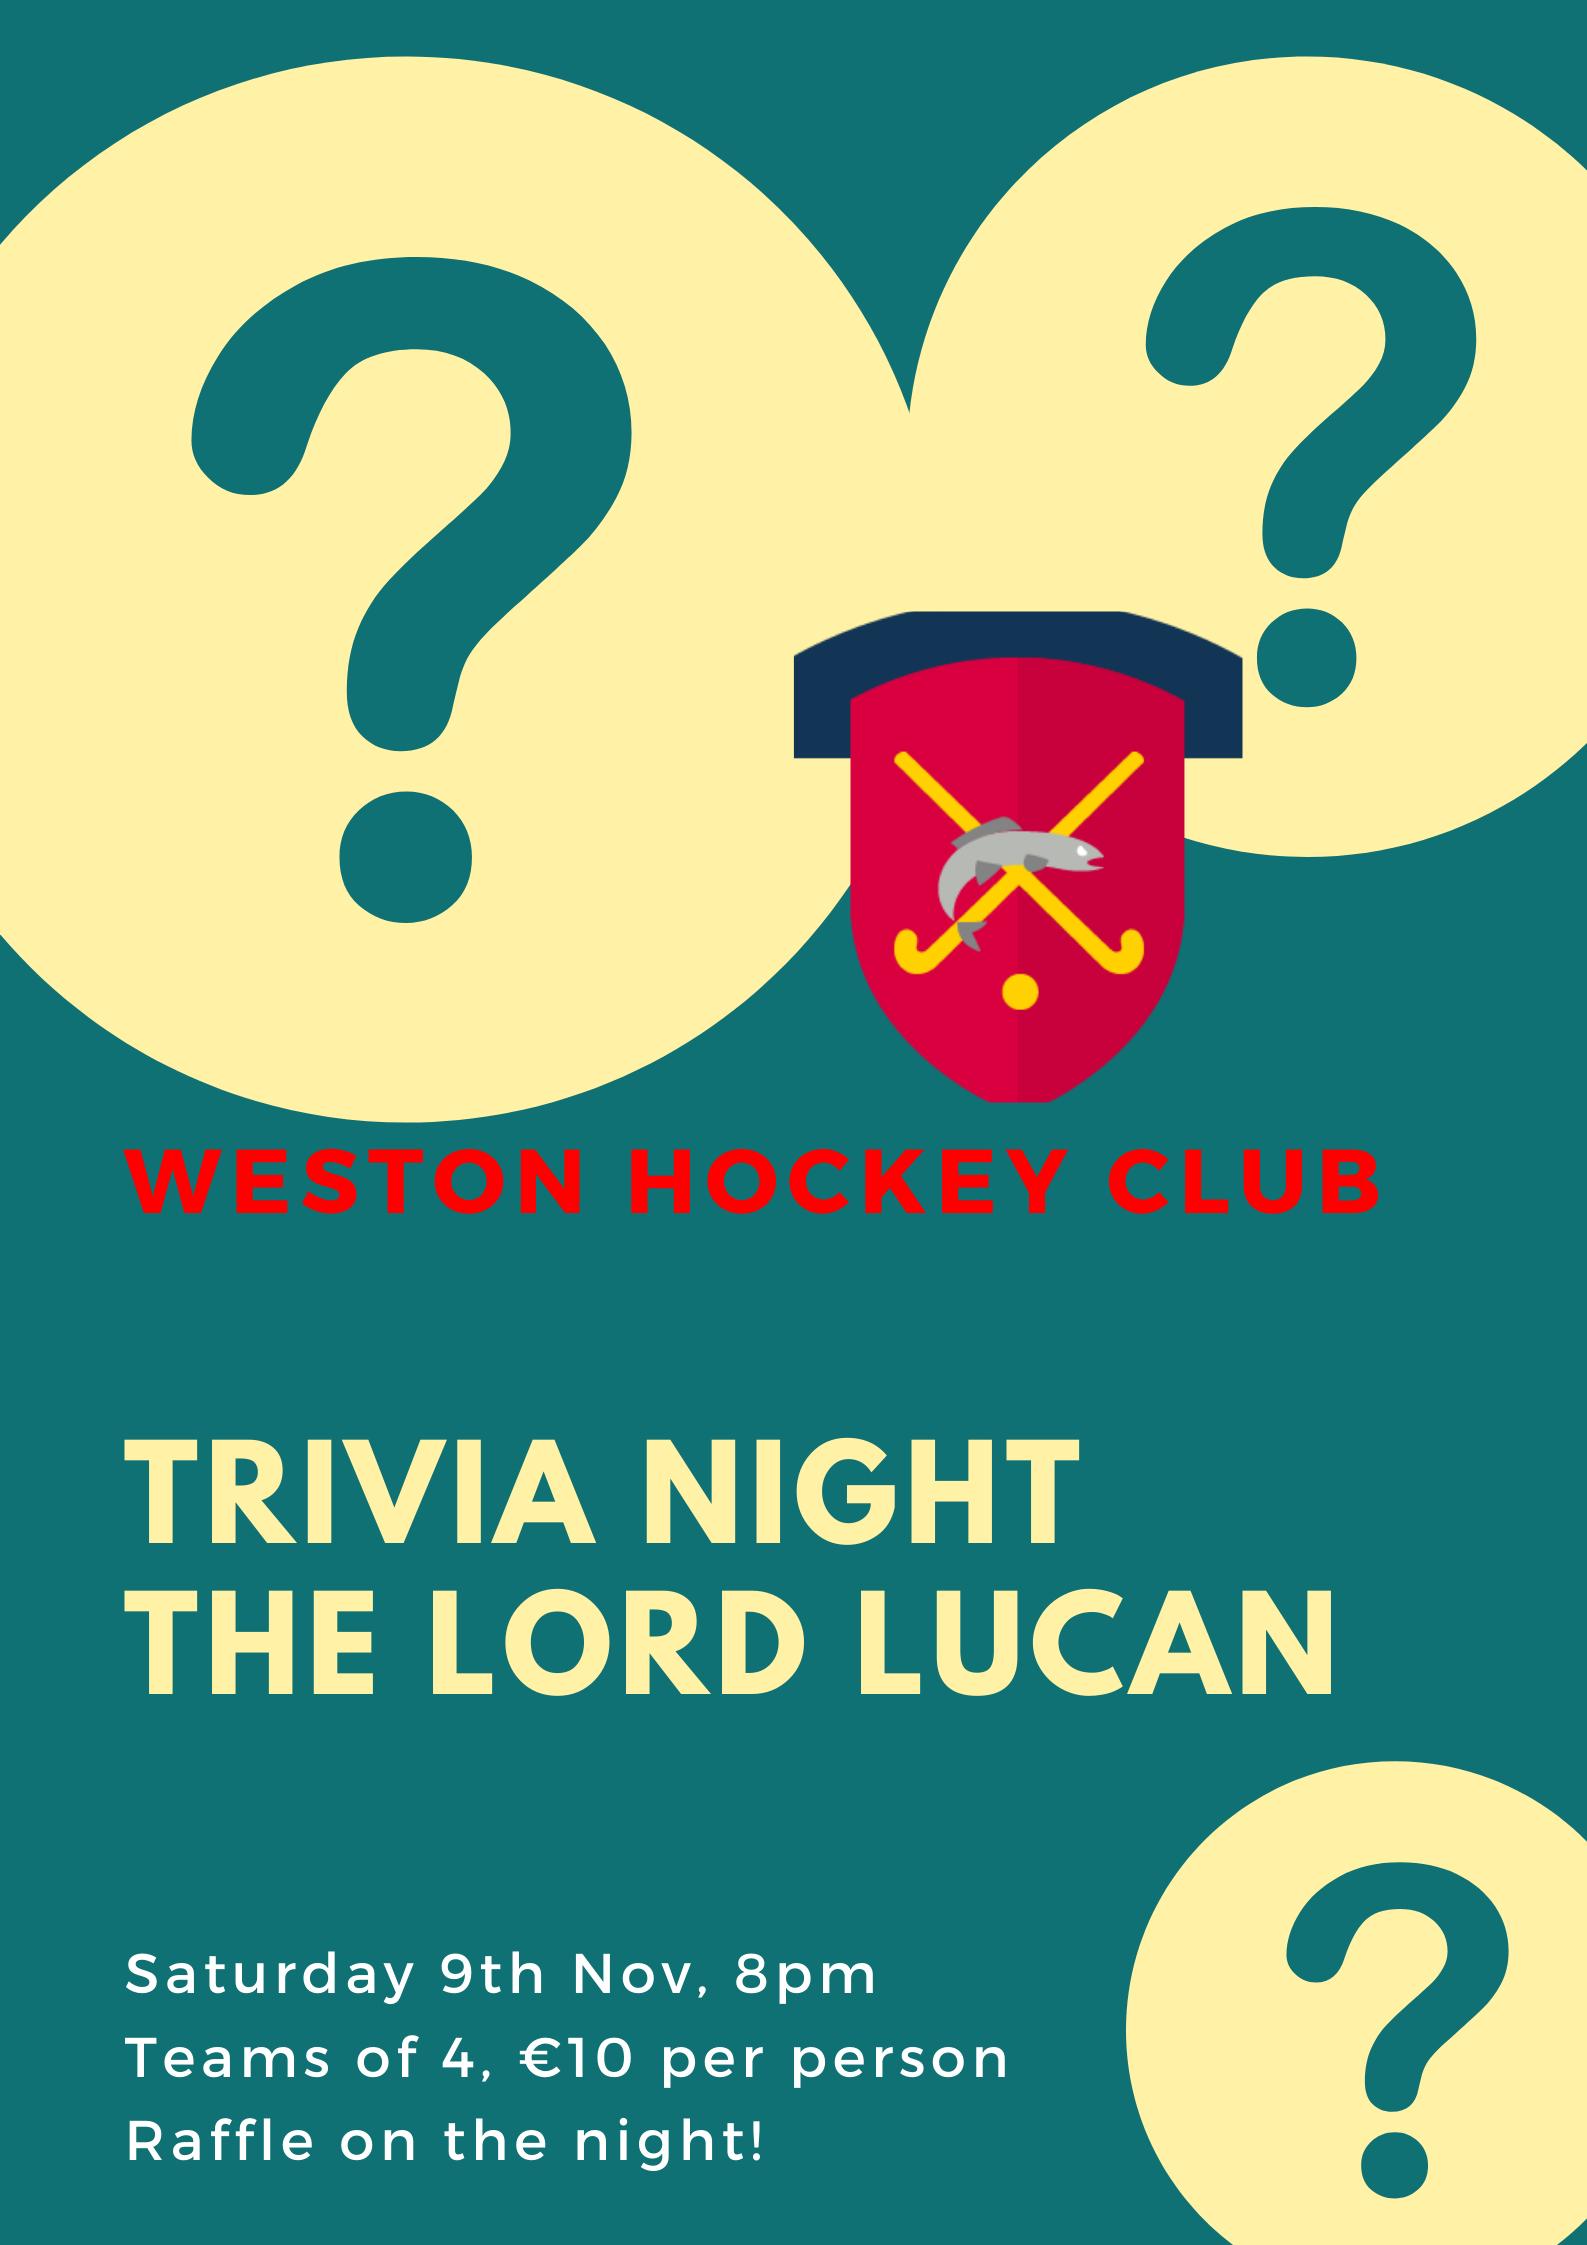 Weston Hockey Club